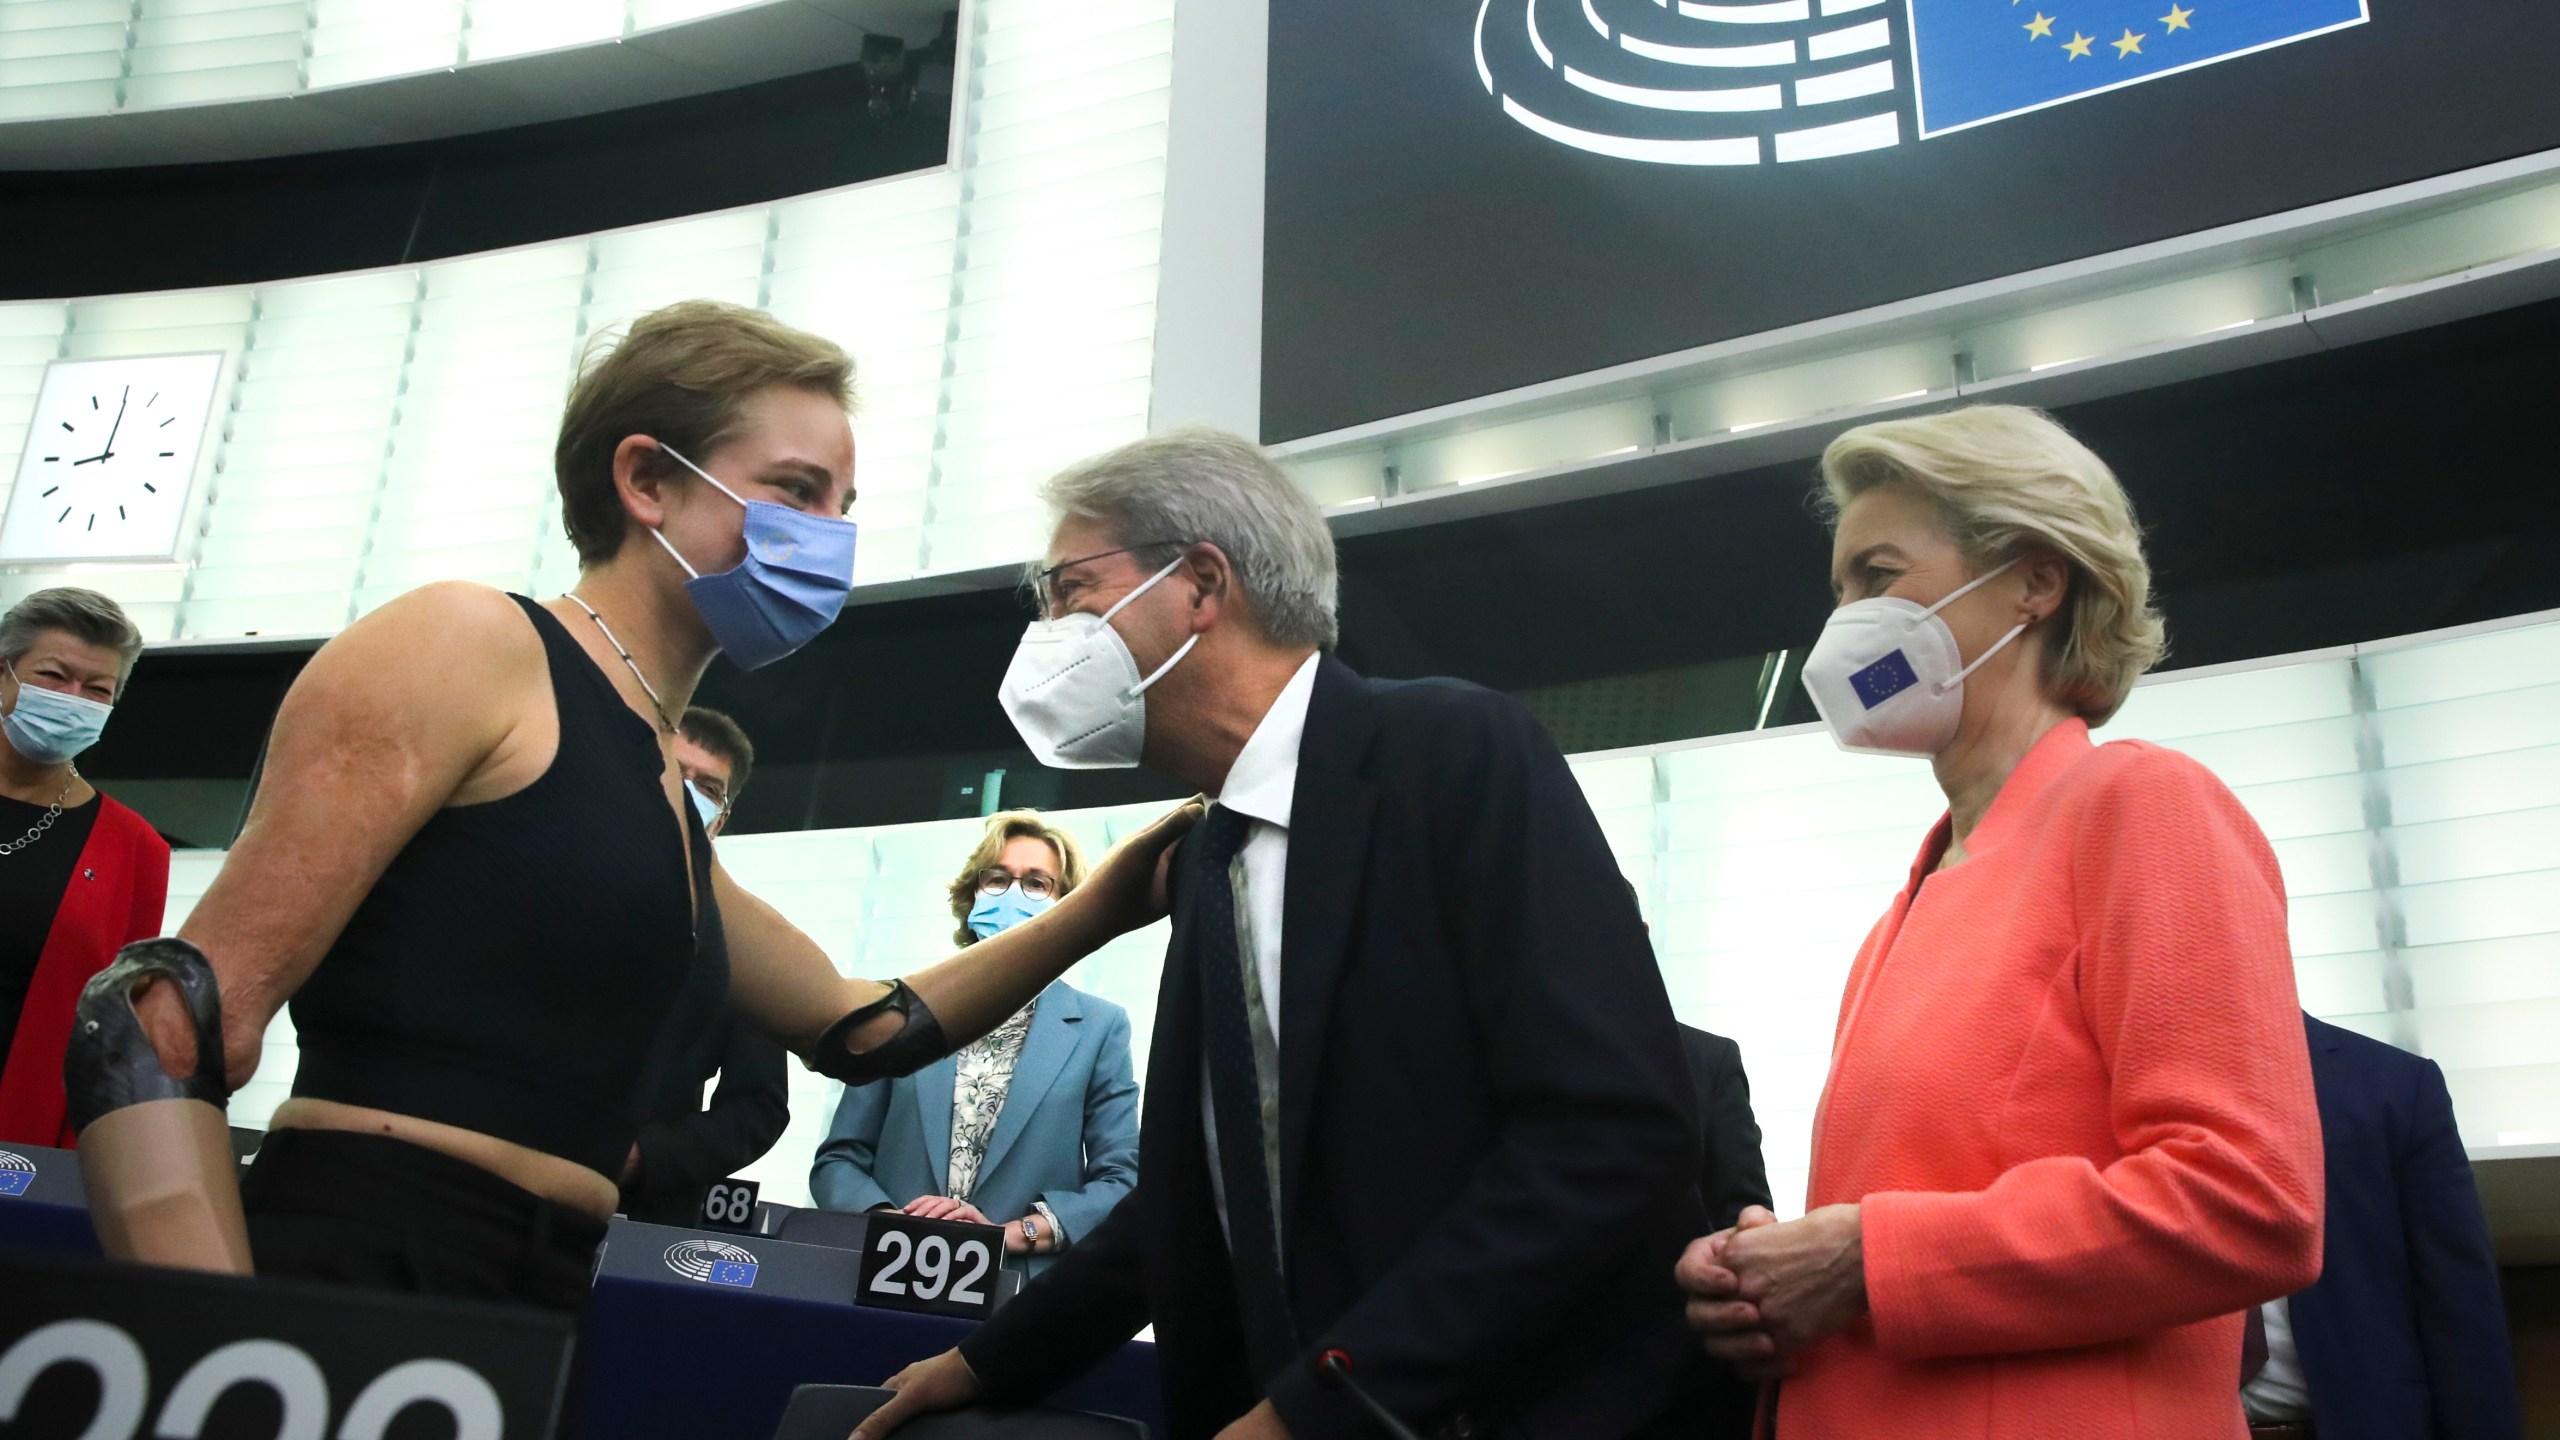 EU Commission President von der Leyen speaks at European Parliament in Strasbourg